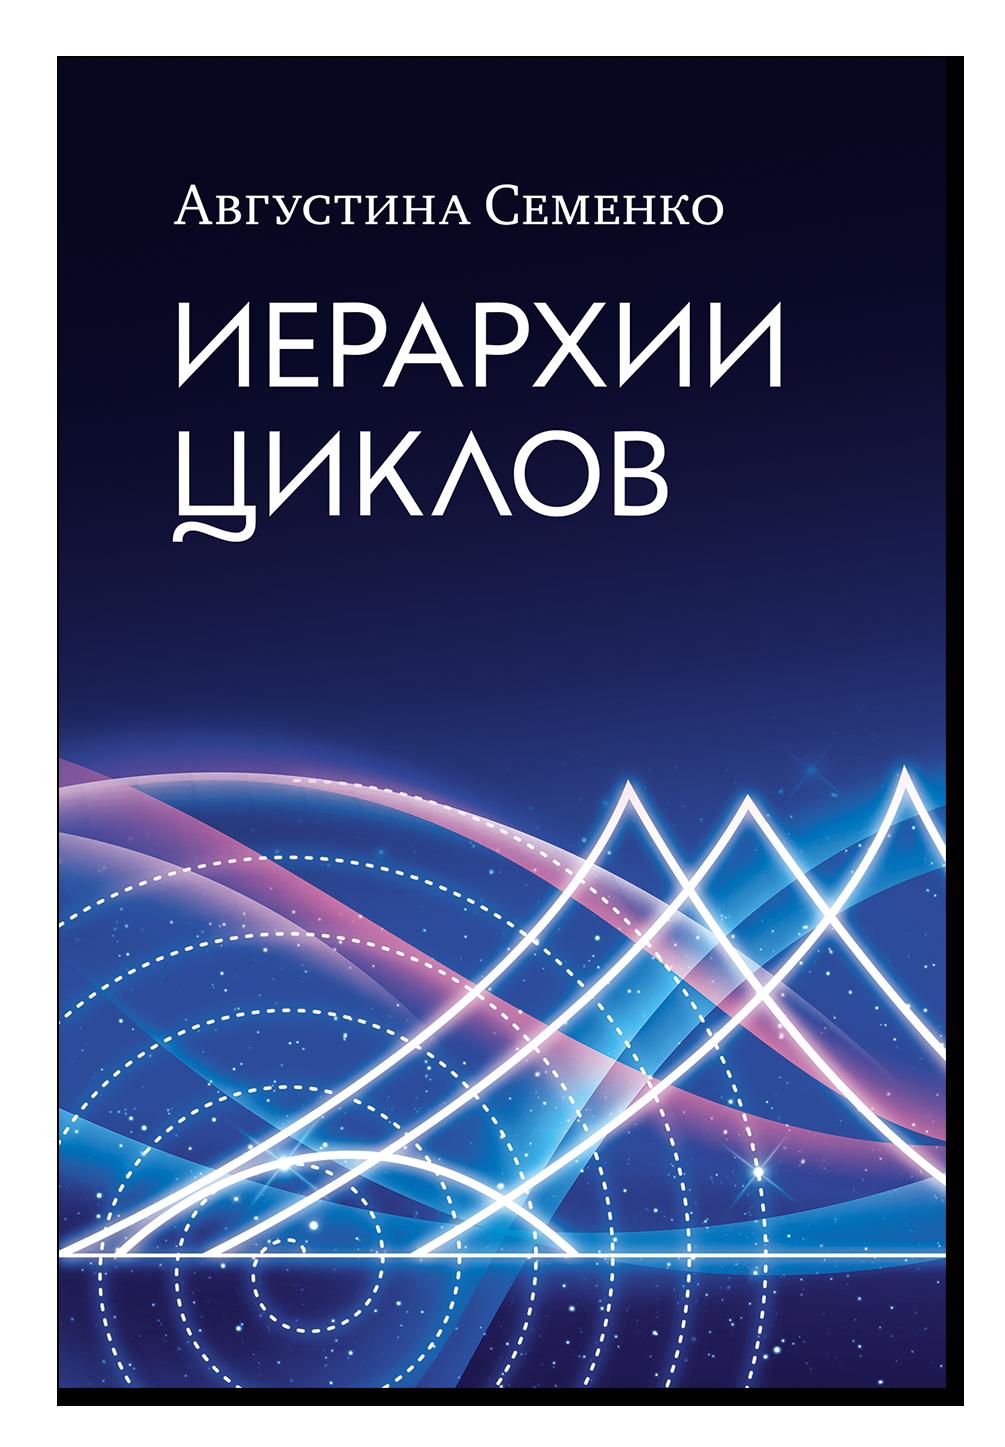 semenko_cover.png